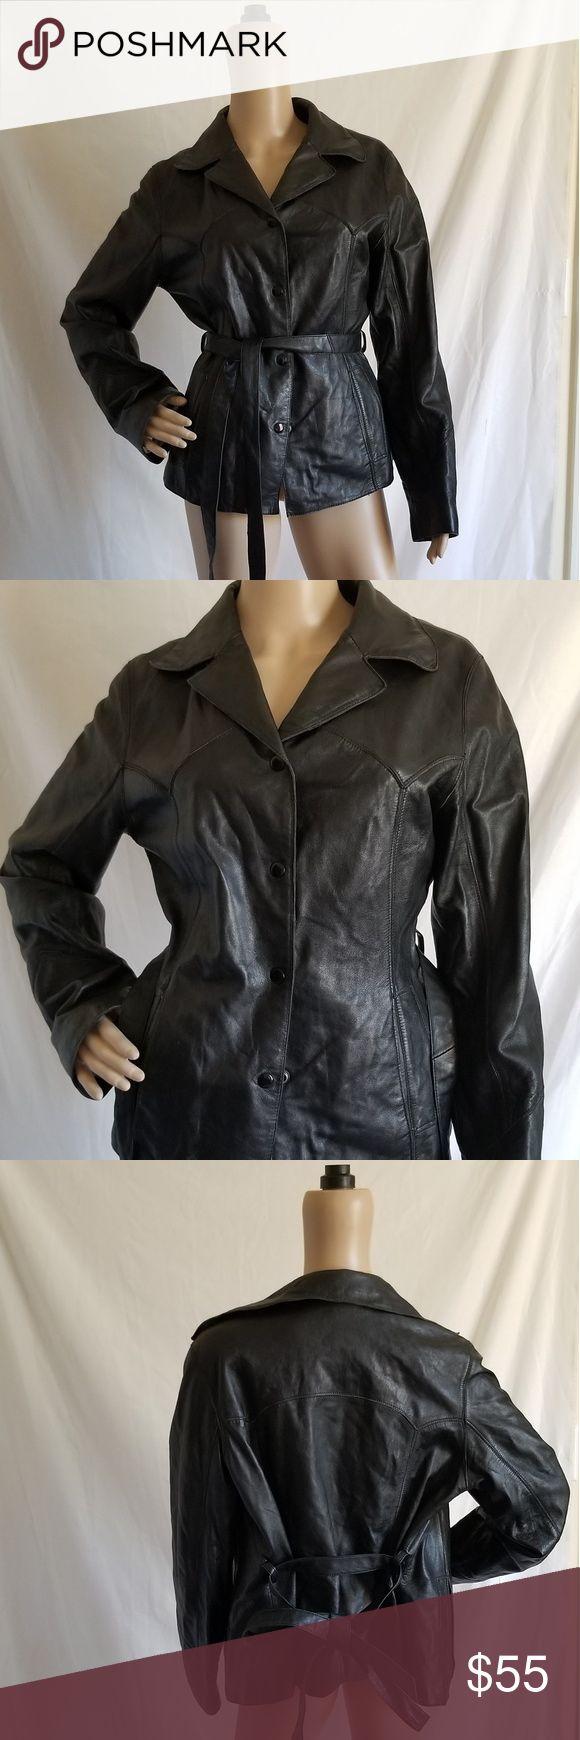 Vintage Maxima Wilsons Leather Jacket Women's Stylish